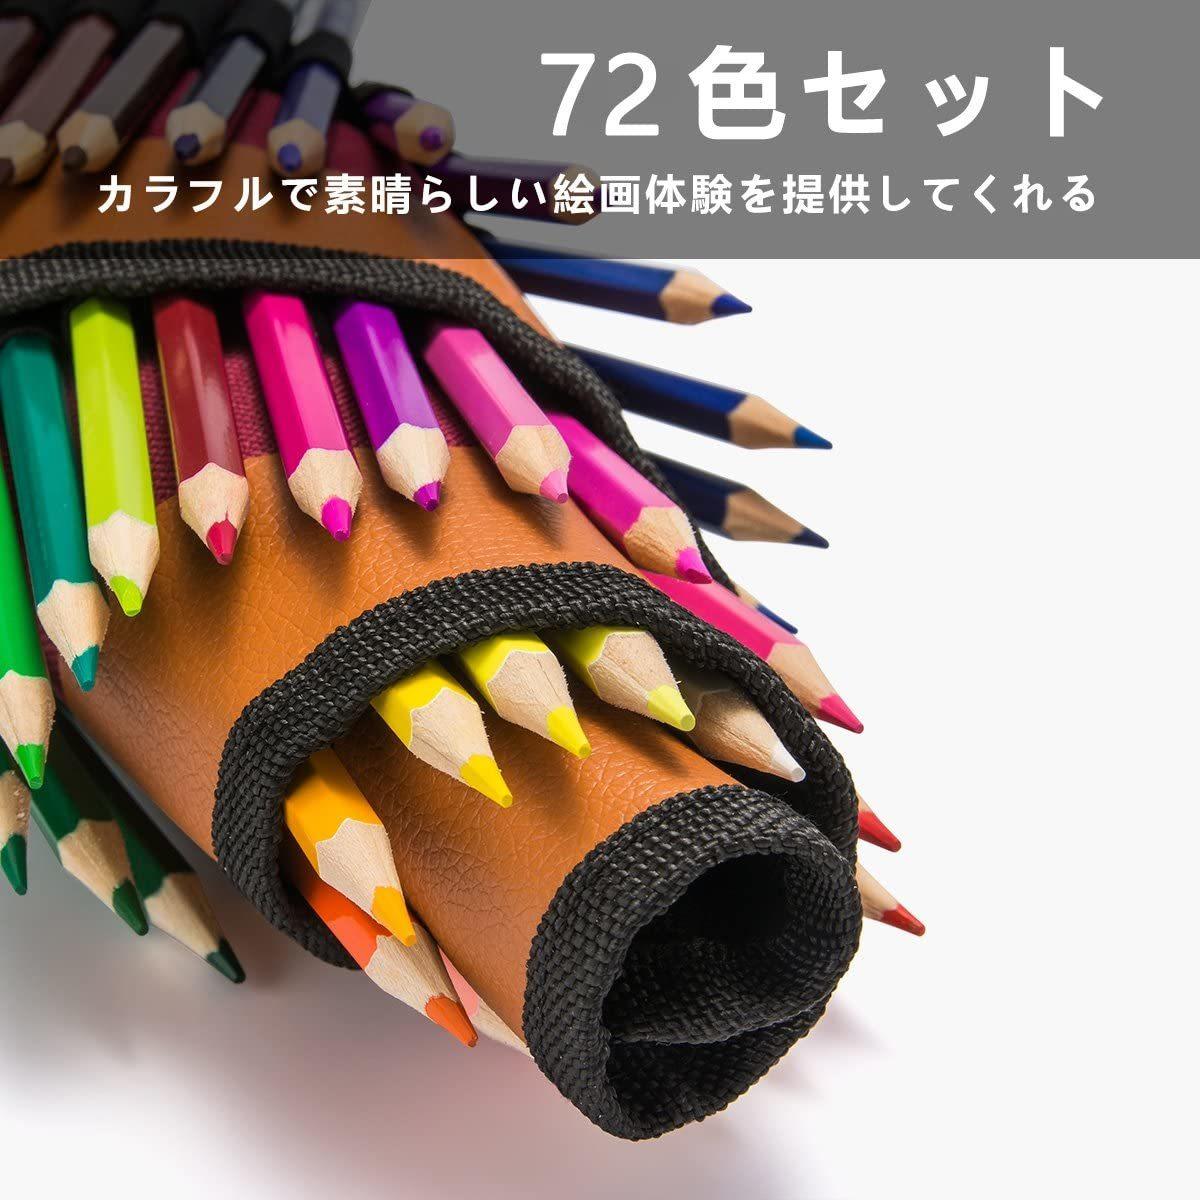 MEGICOT 色鉛筆 72色 油性色鉛筆 塗り絵 描き用 収納ケース付き 鉛筆削り付き 携帯便利_画像4